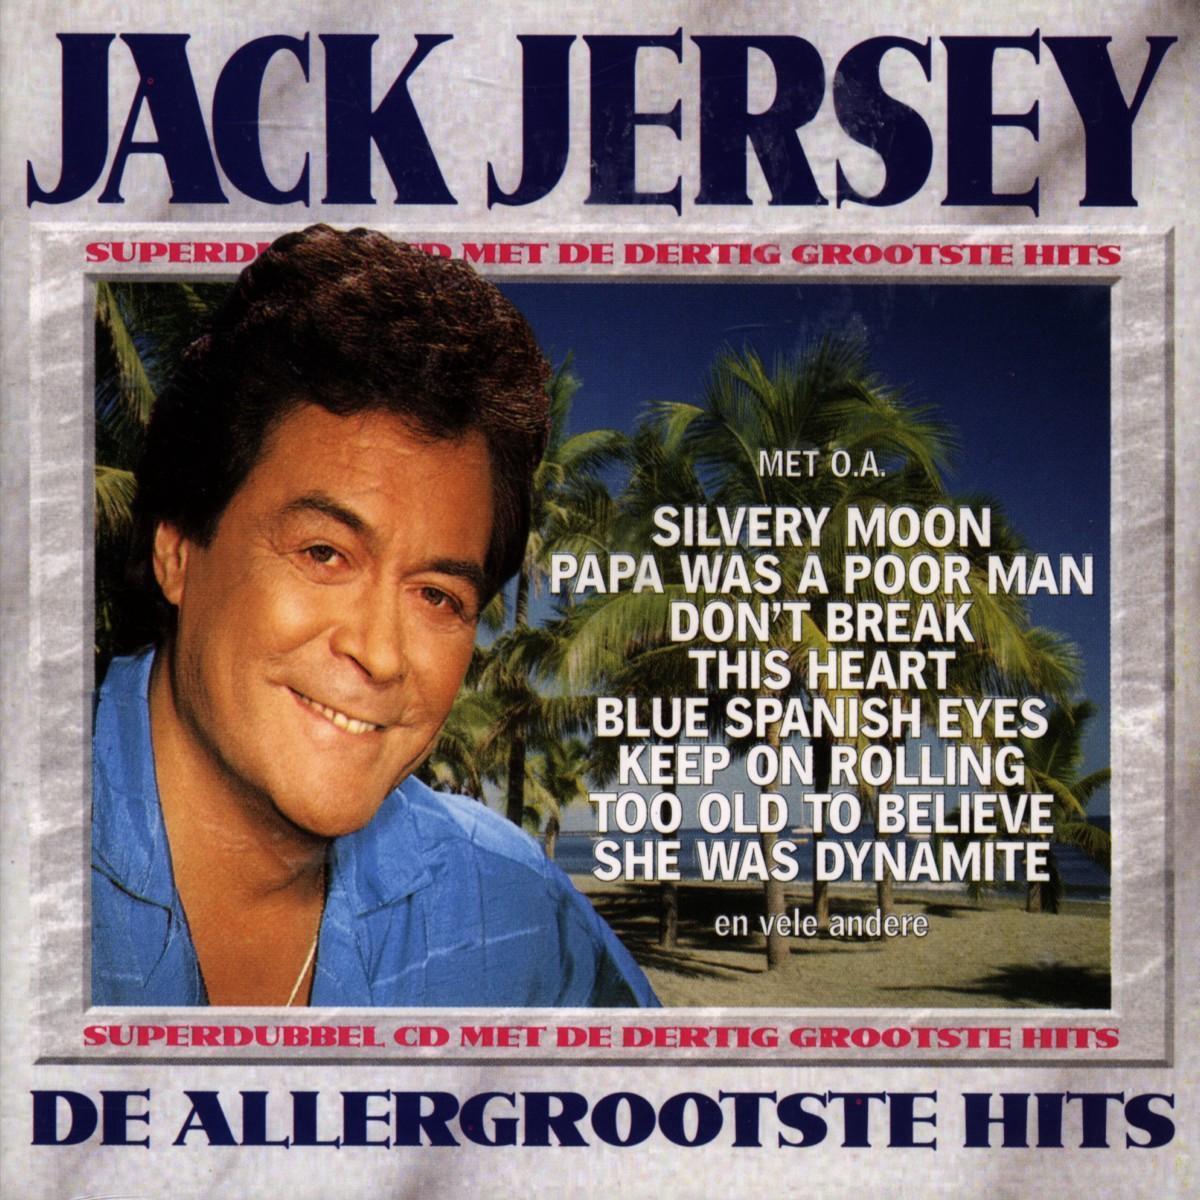 Jack Jersey - Allergrootste Hits, De - Jack Jersey